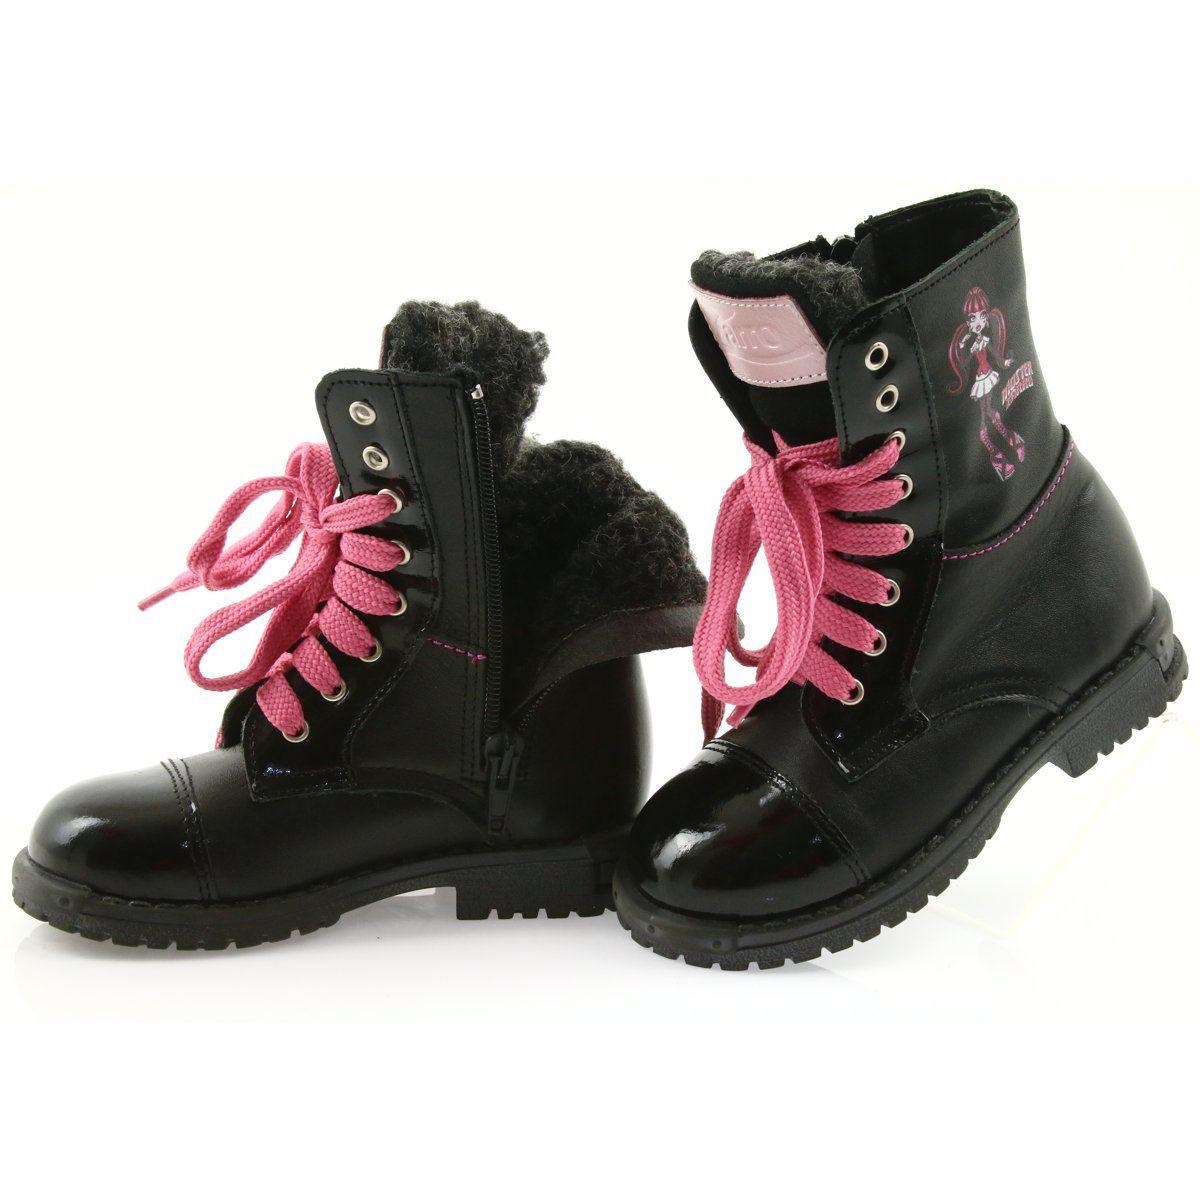 Ren But Trzewiki Buty Dzieciece Zarro 38 01 Czarne Rozowe Kid Shoes Boots Childrens Boots